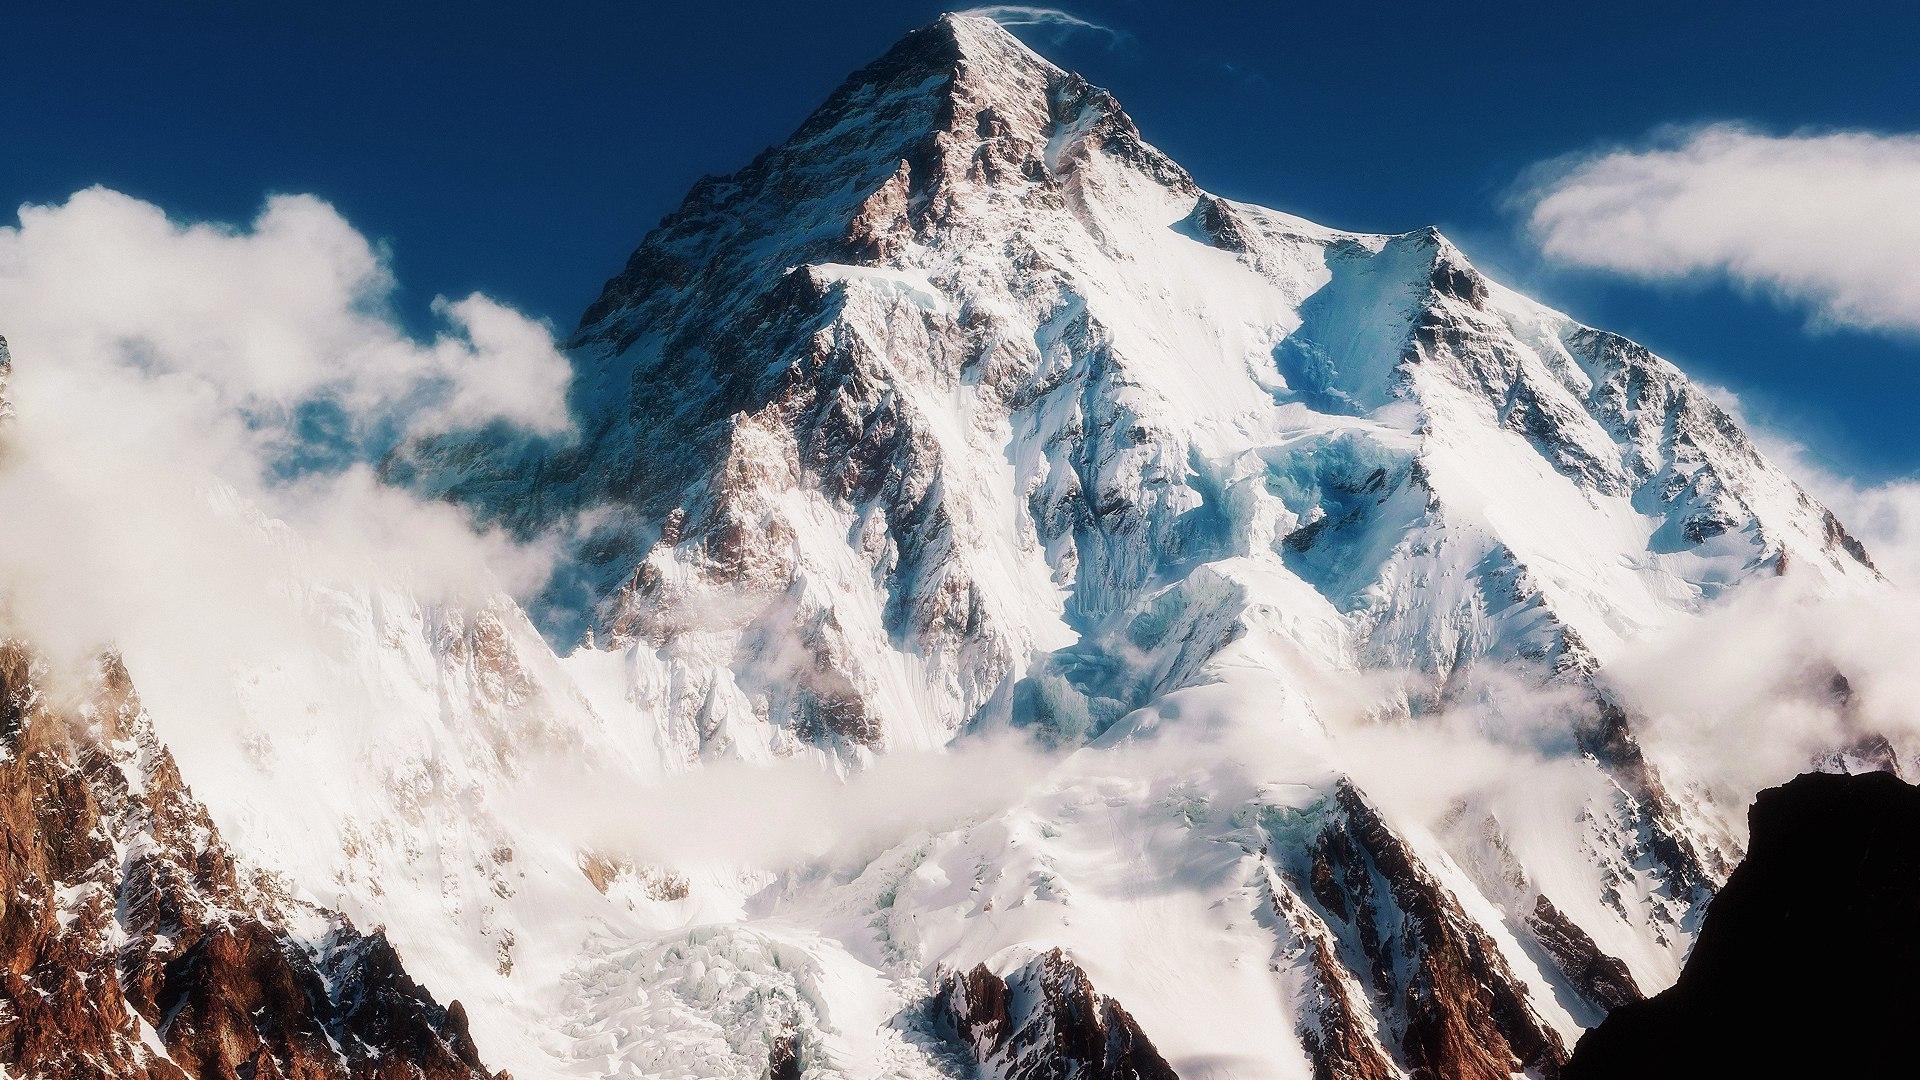 сделать самые красивые горы в мире фото всех правилах гадания